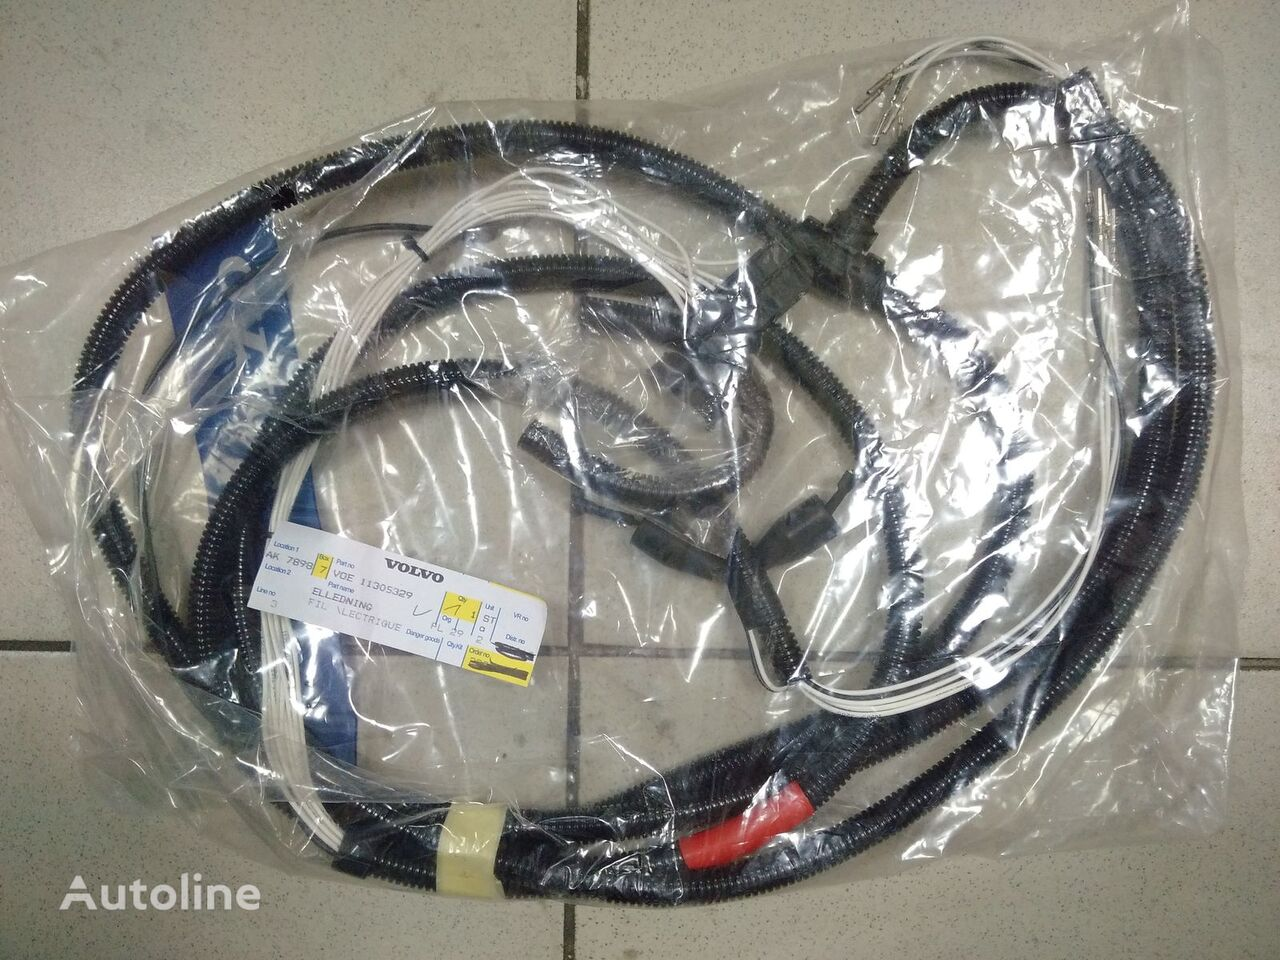 VOLVO Elektricheskiy kabel VOE11305329 fios elétricos para VOLVO carregadeira de rodas novo